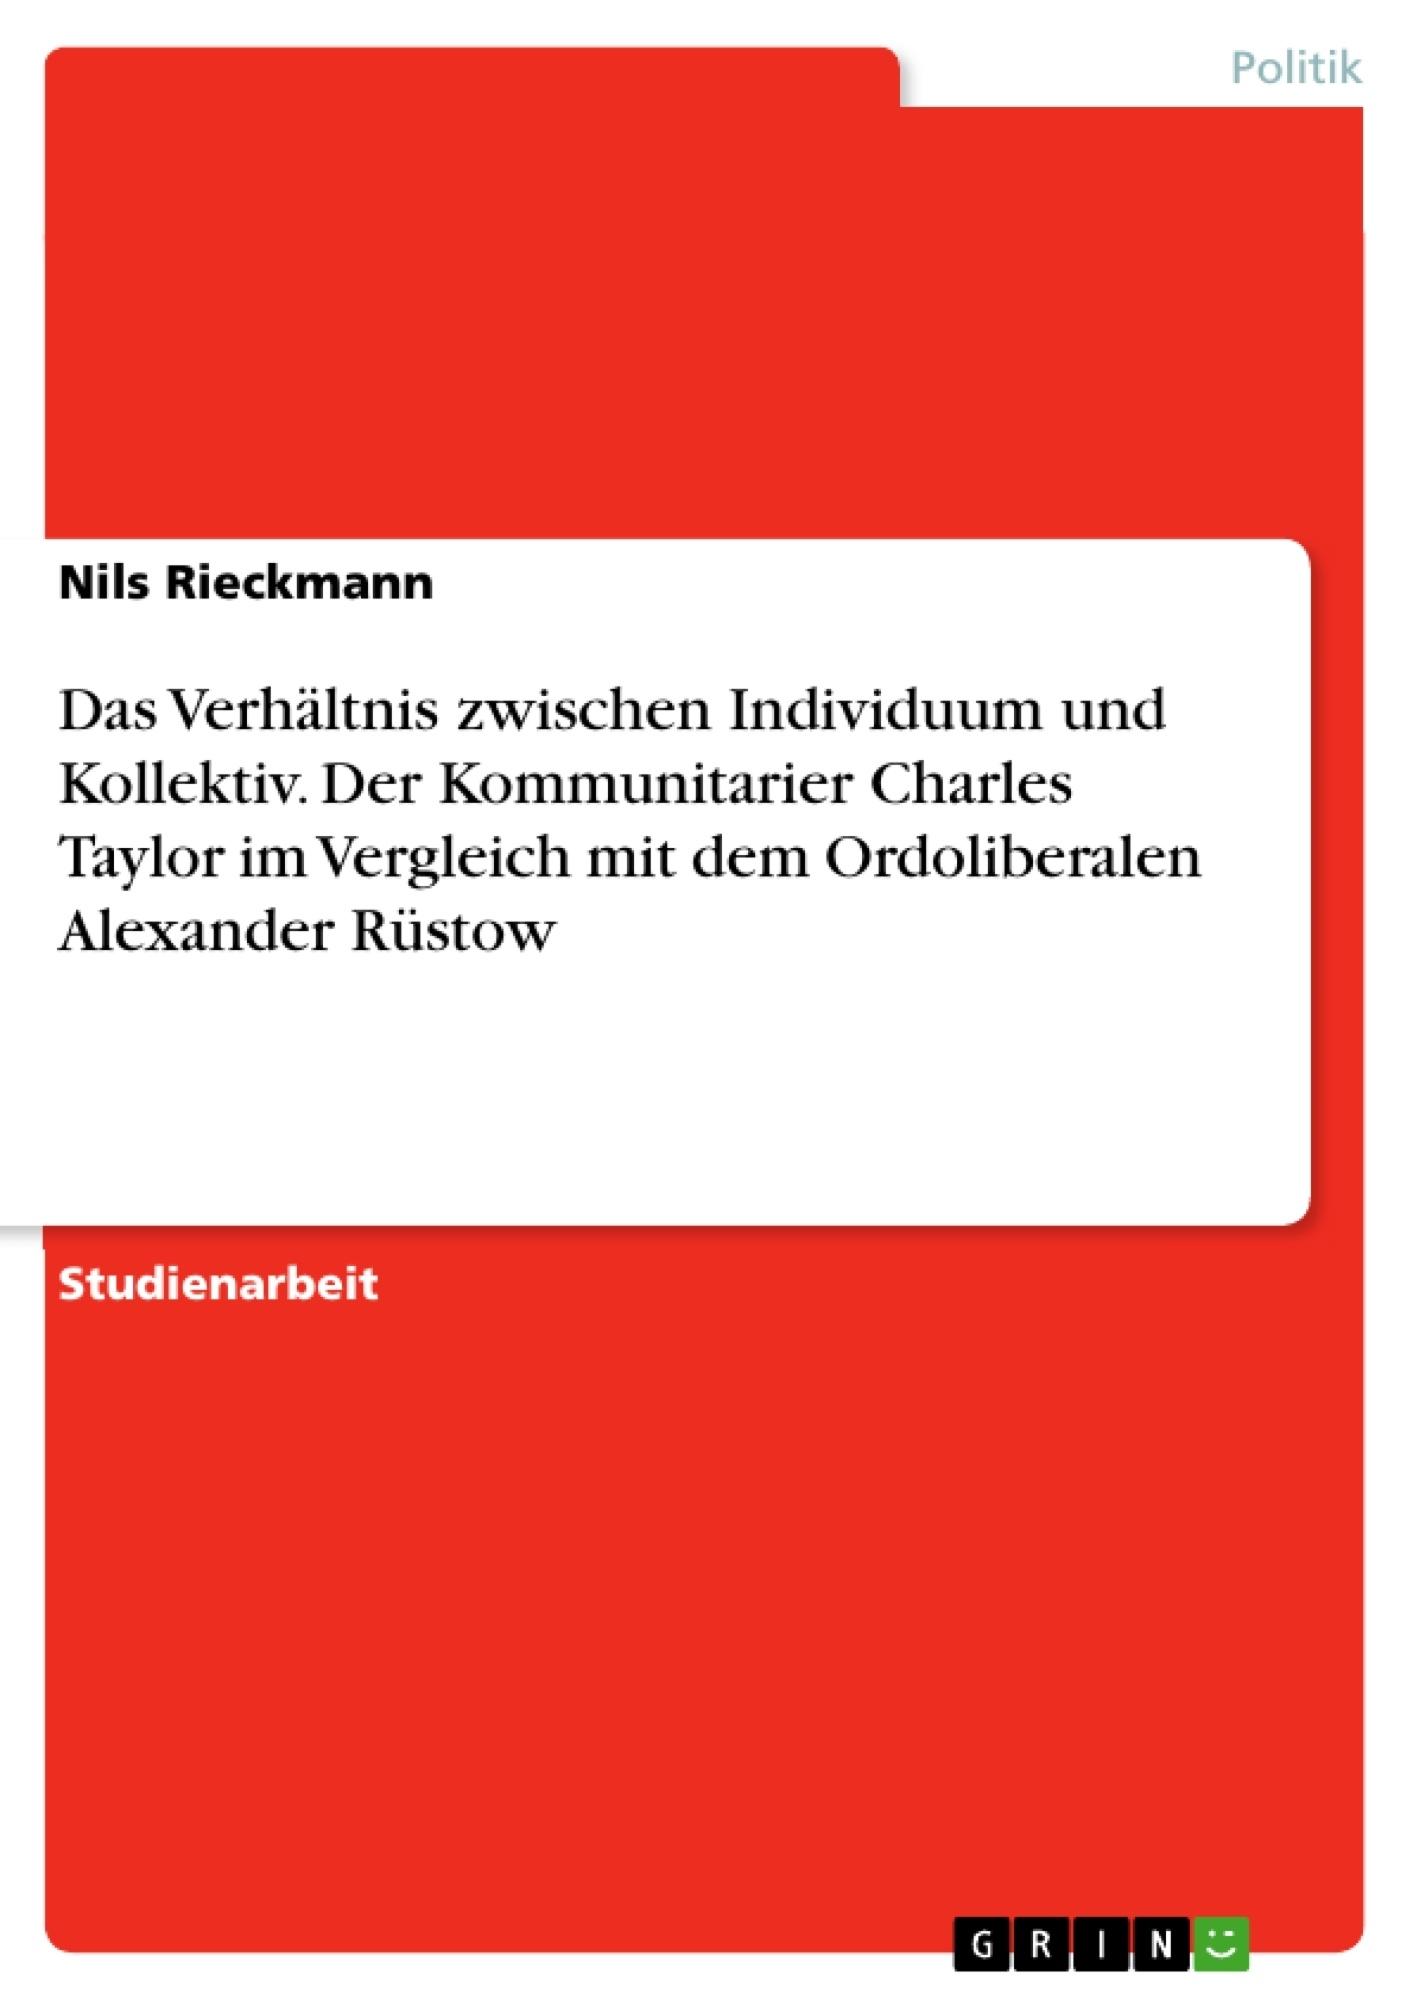 Titel: Das Verhältnis zwischen Individuum und Kollektiv. Der Kommunitarier Charles Taylor im Vergleich mit dem Ordoliberalen Alexander Rüstow